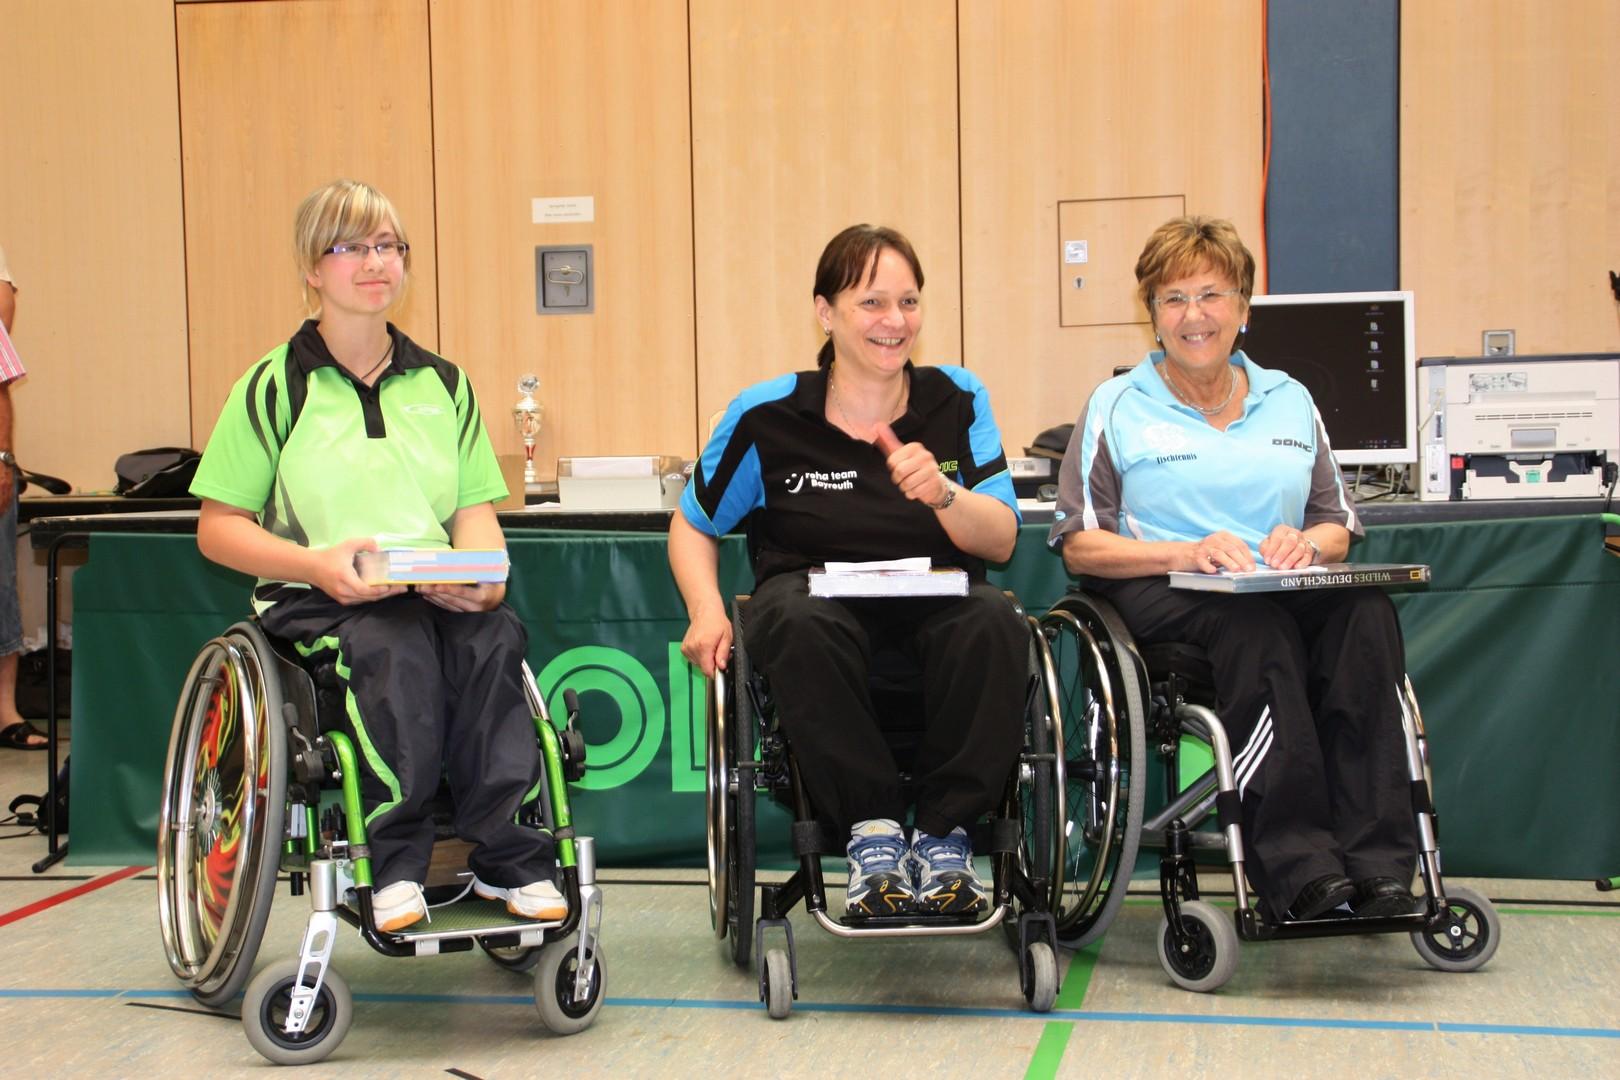 v.L: Sandra Mikolaschek, Sabine Gottschalk, Gudrun Högemann